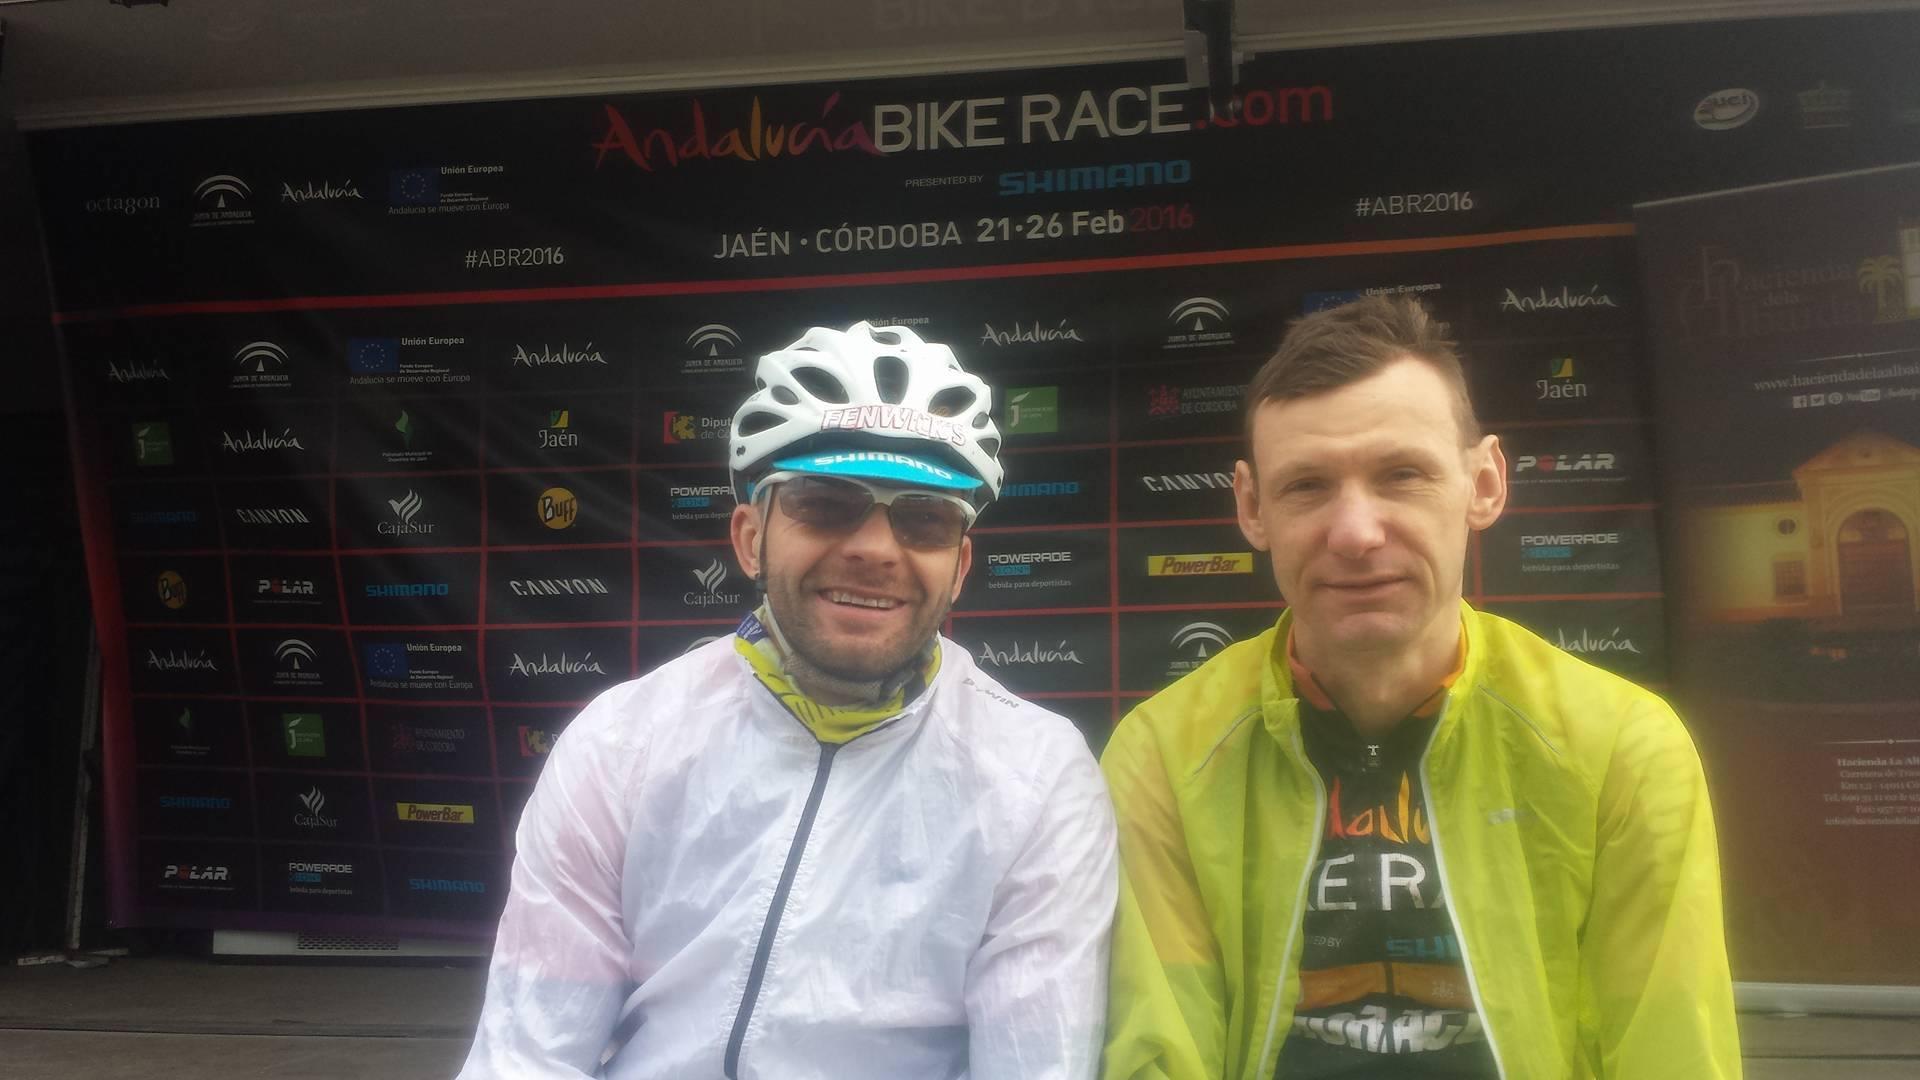 Żeber + Mruwa AKA #mtbxcpl & CRO Finisher na Andalucia Bike Race #4